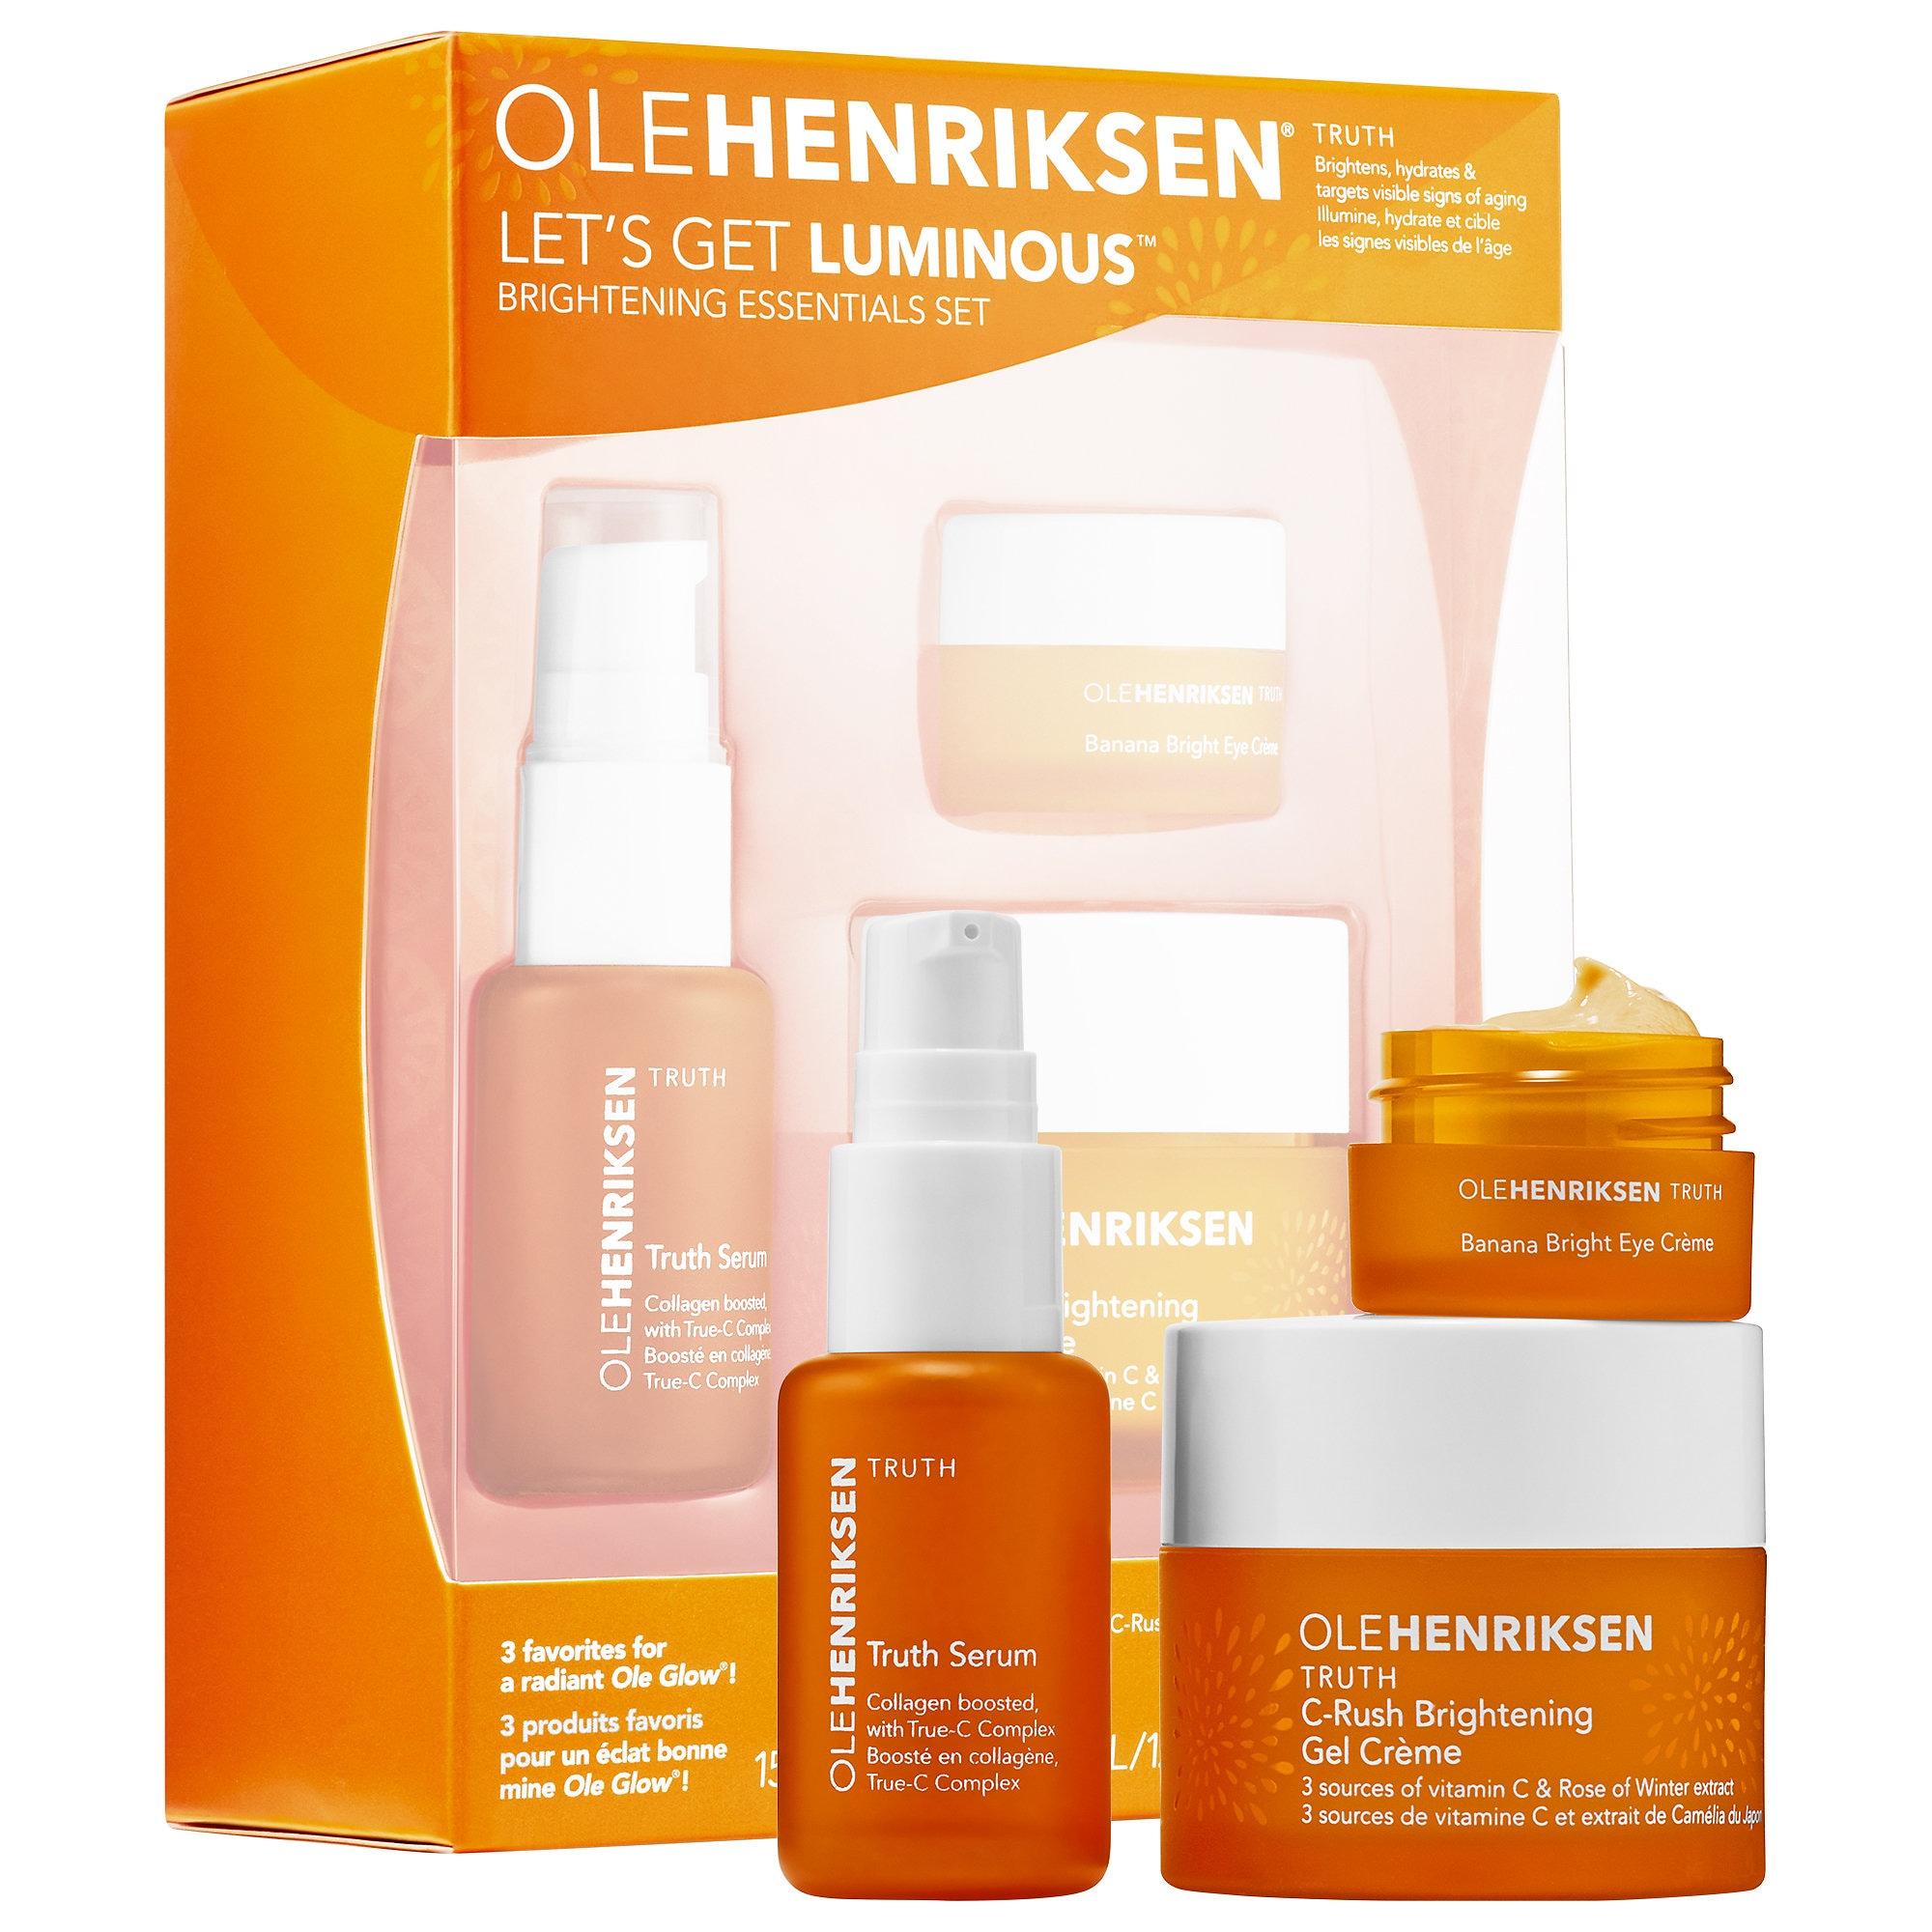 Ole Henriksen - Let's Get Luminous™ Brightening Vitamin C Essentials Set